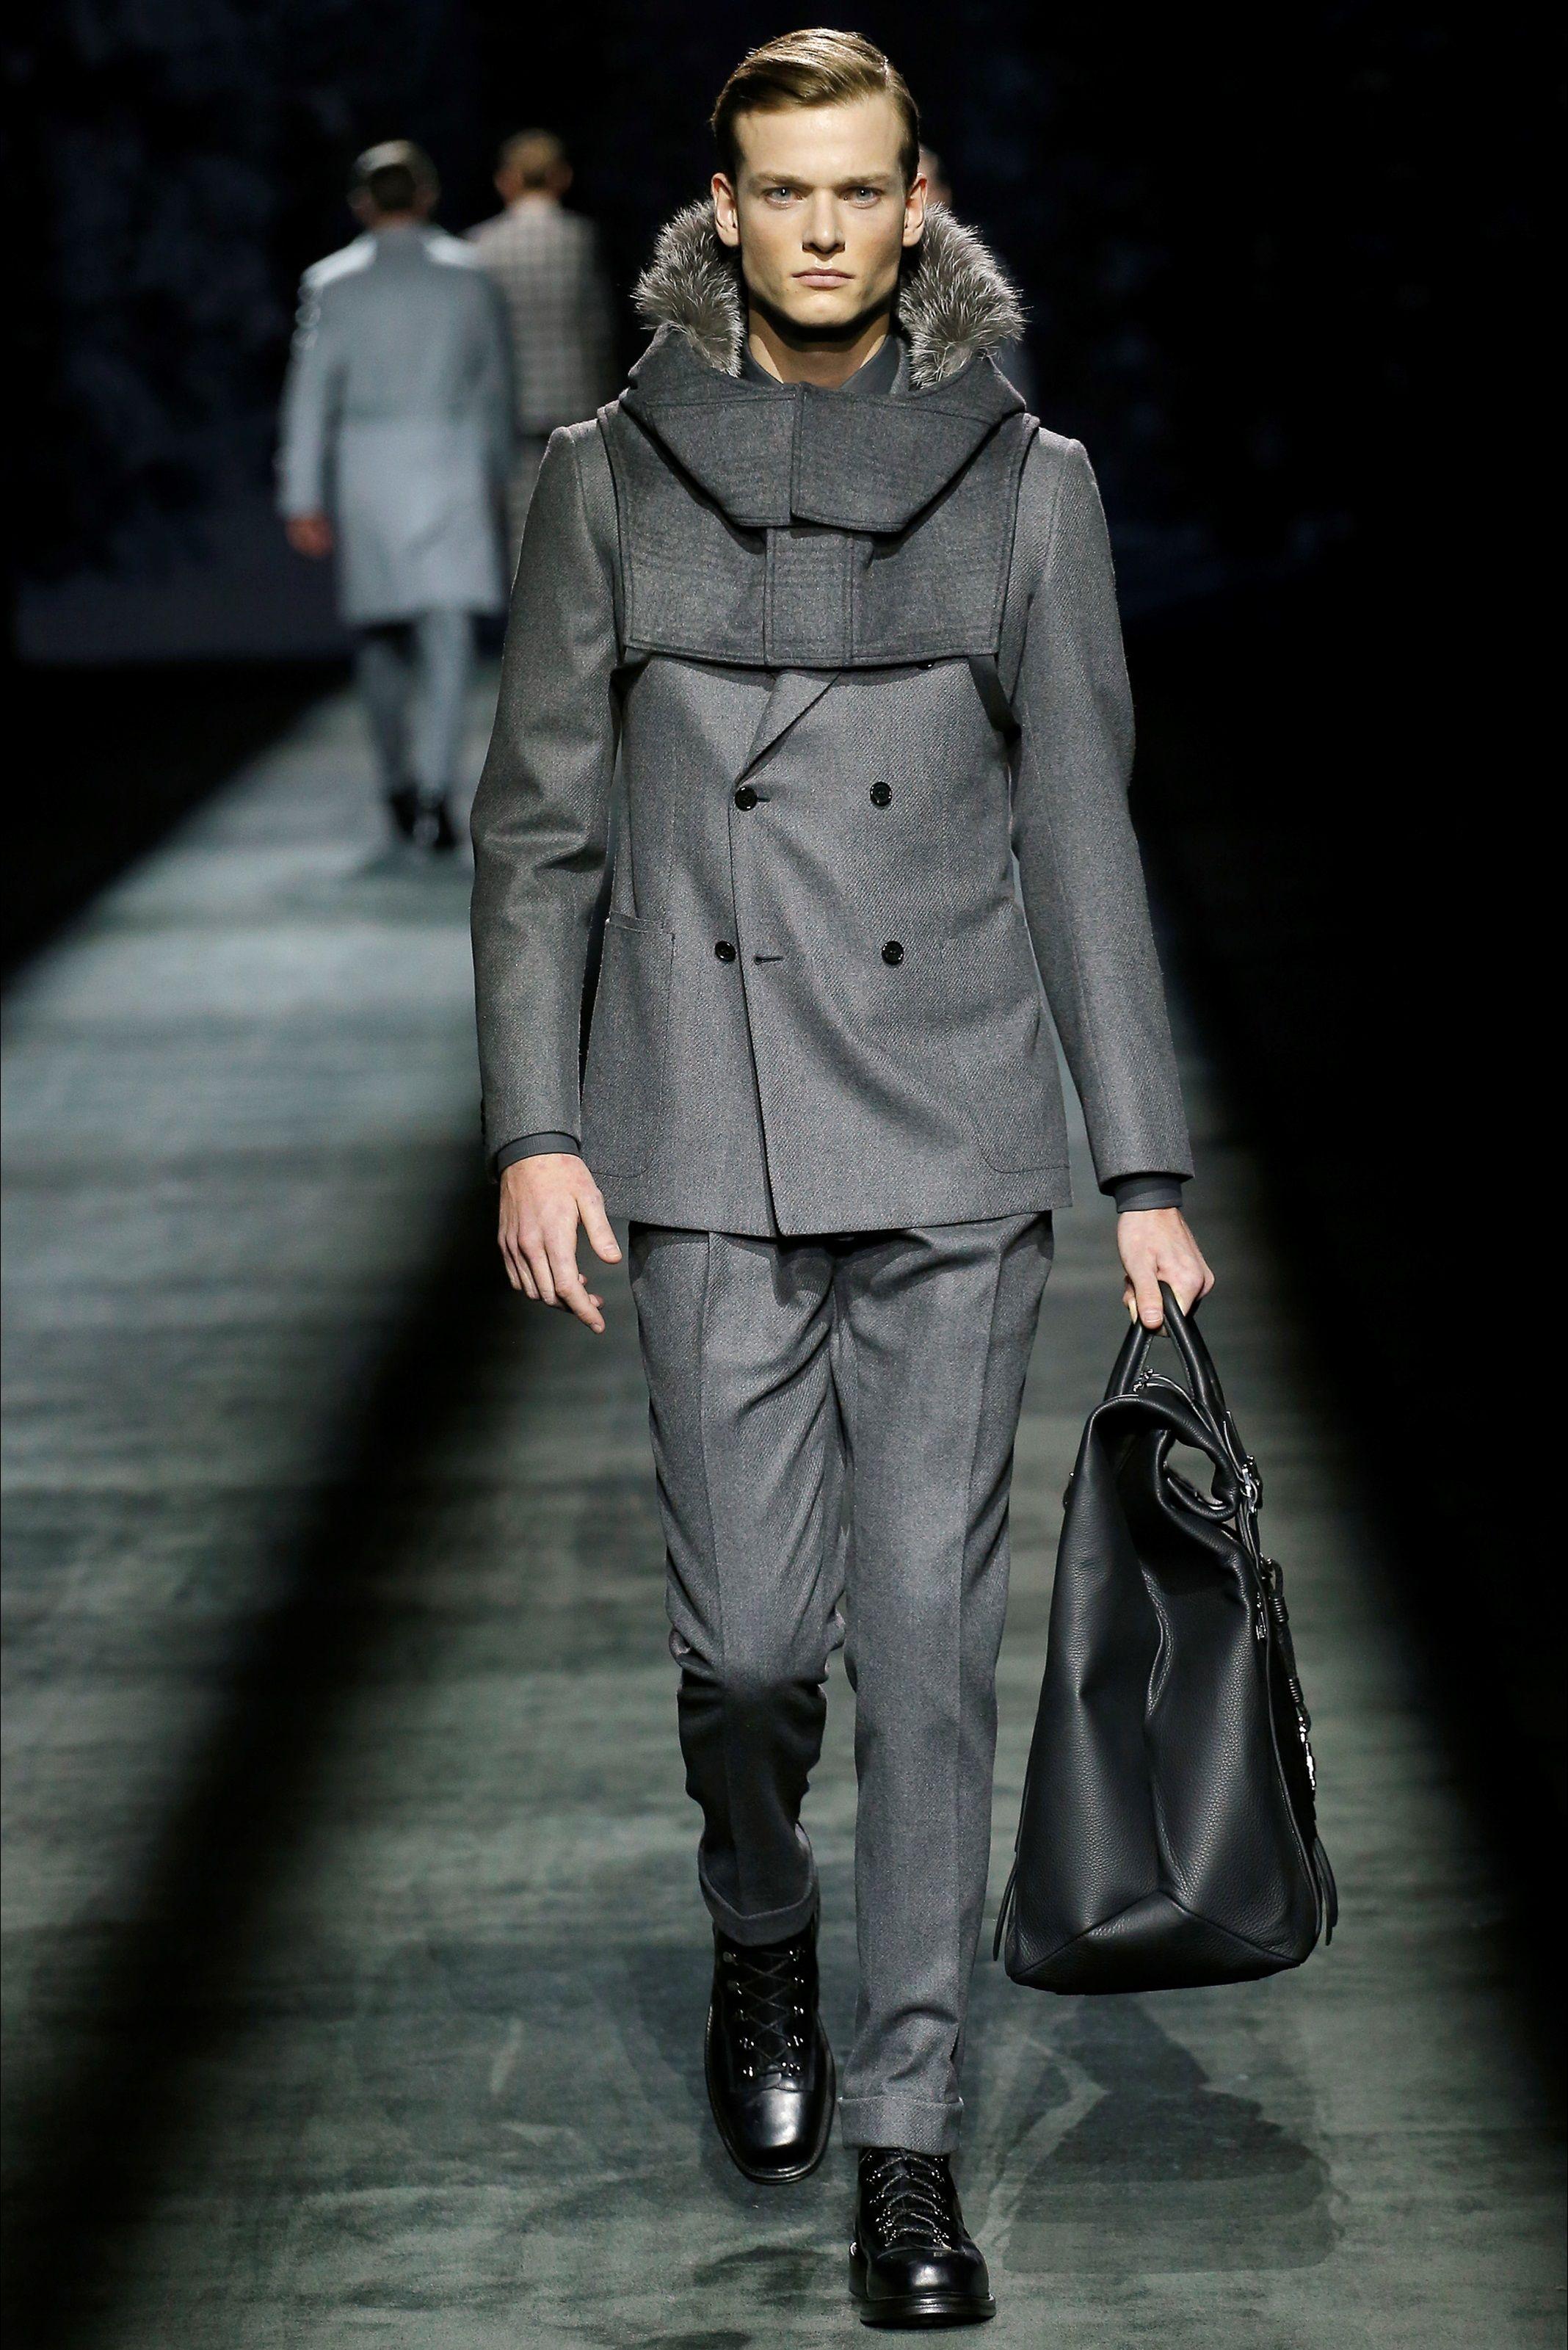 Sfilata Moda Uomo Brioni Milano - Autunno Inverno 2016-17 - Vogue ... 1d0b67742fb